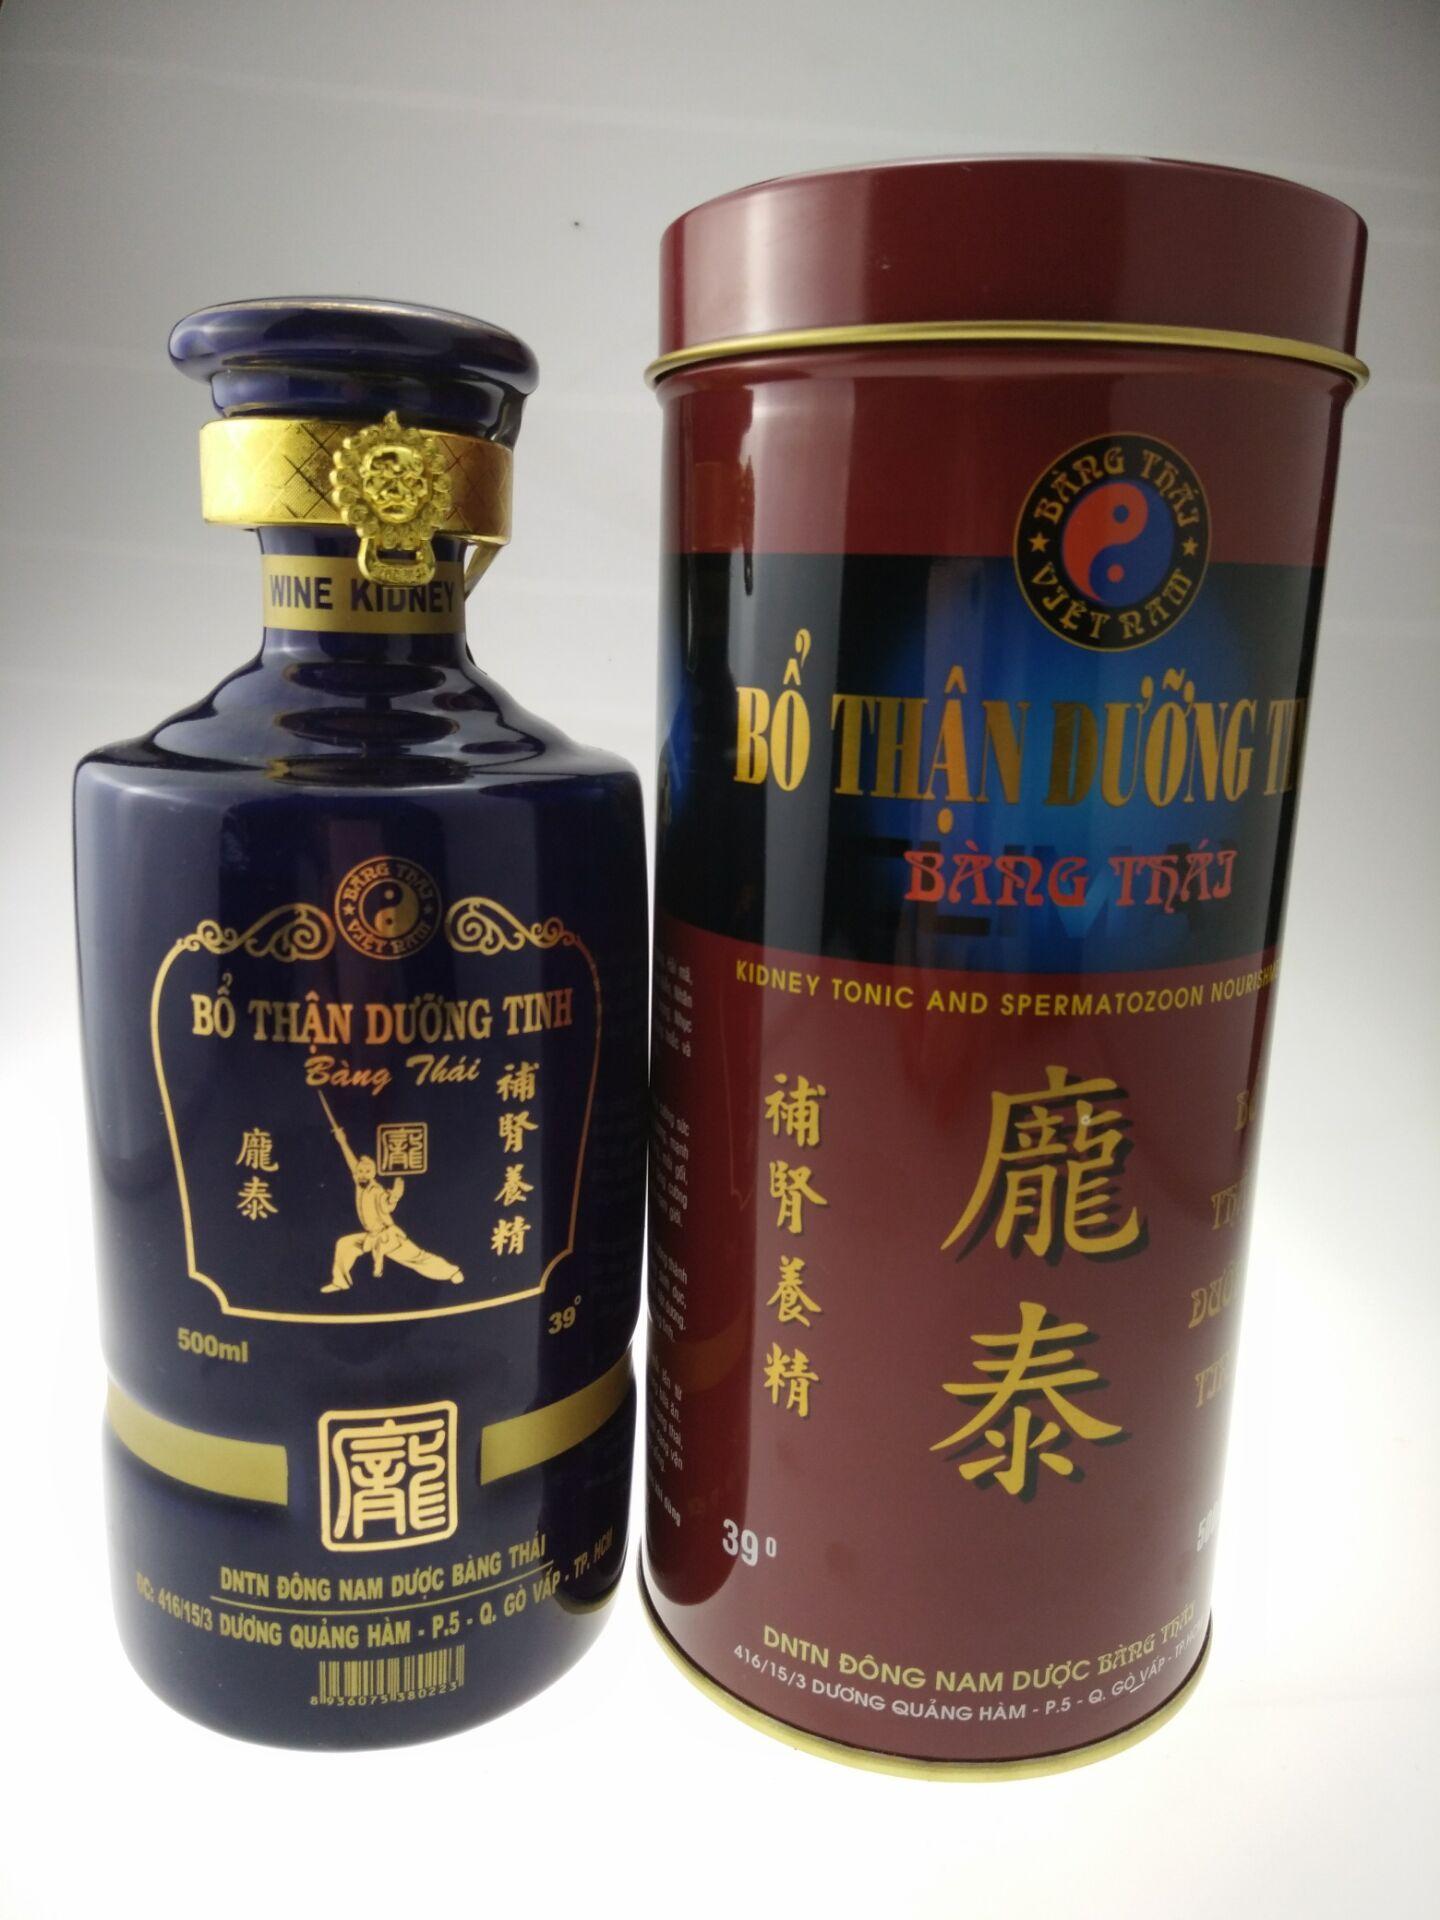 越南药酒具有独特功效